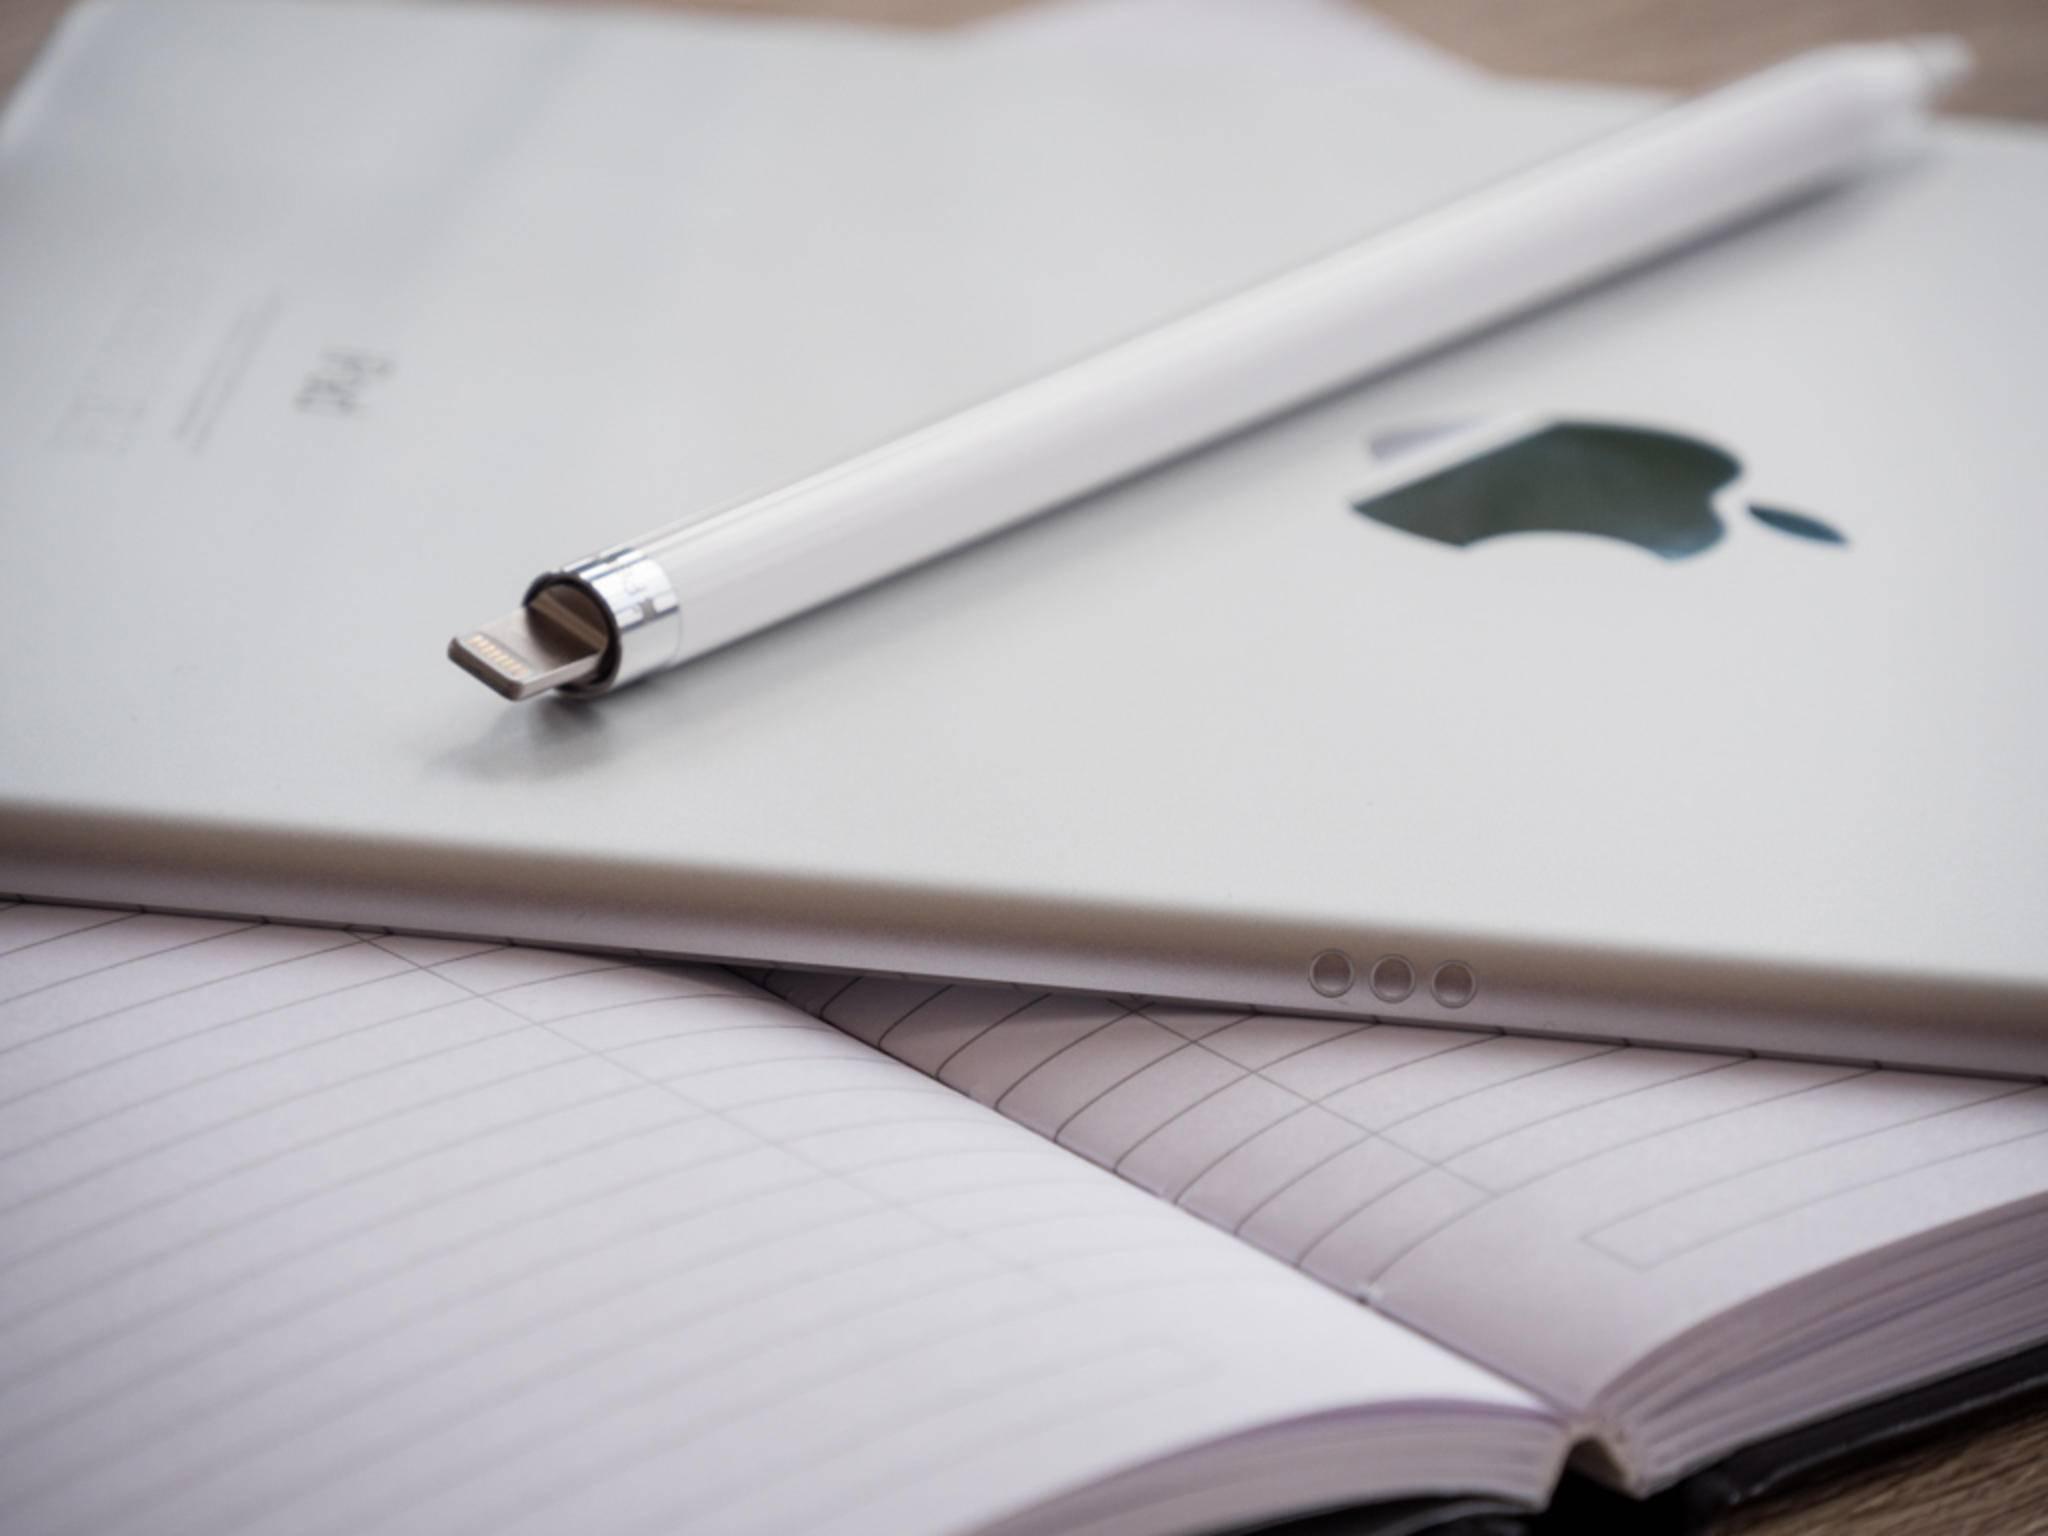 Das iPad Pro verfügt zudem über einen Smart Connector für den Anschluss des Smart Keyboards.